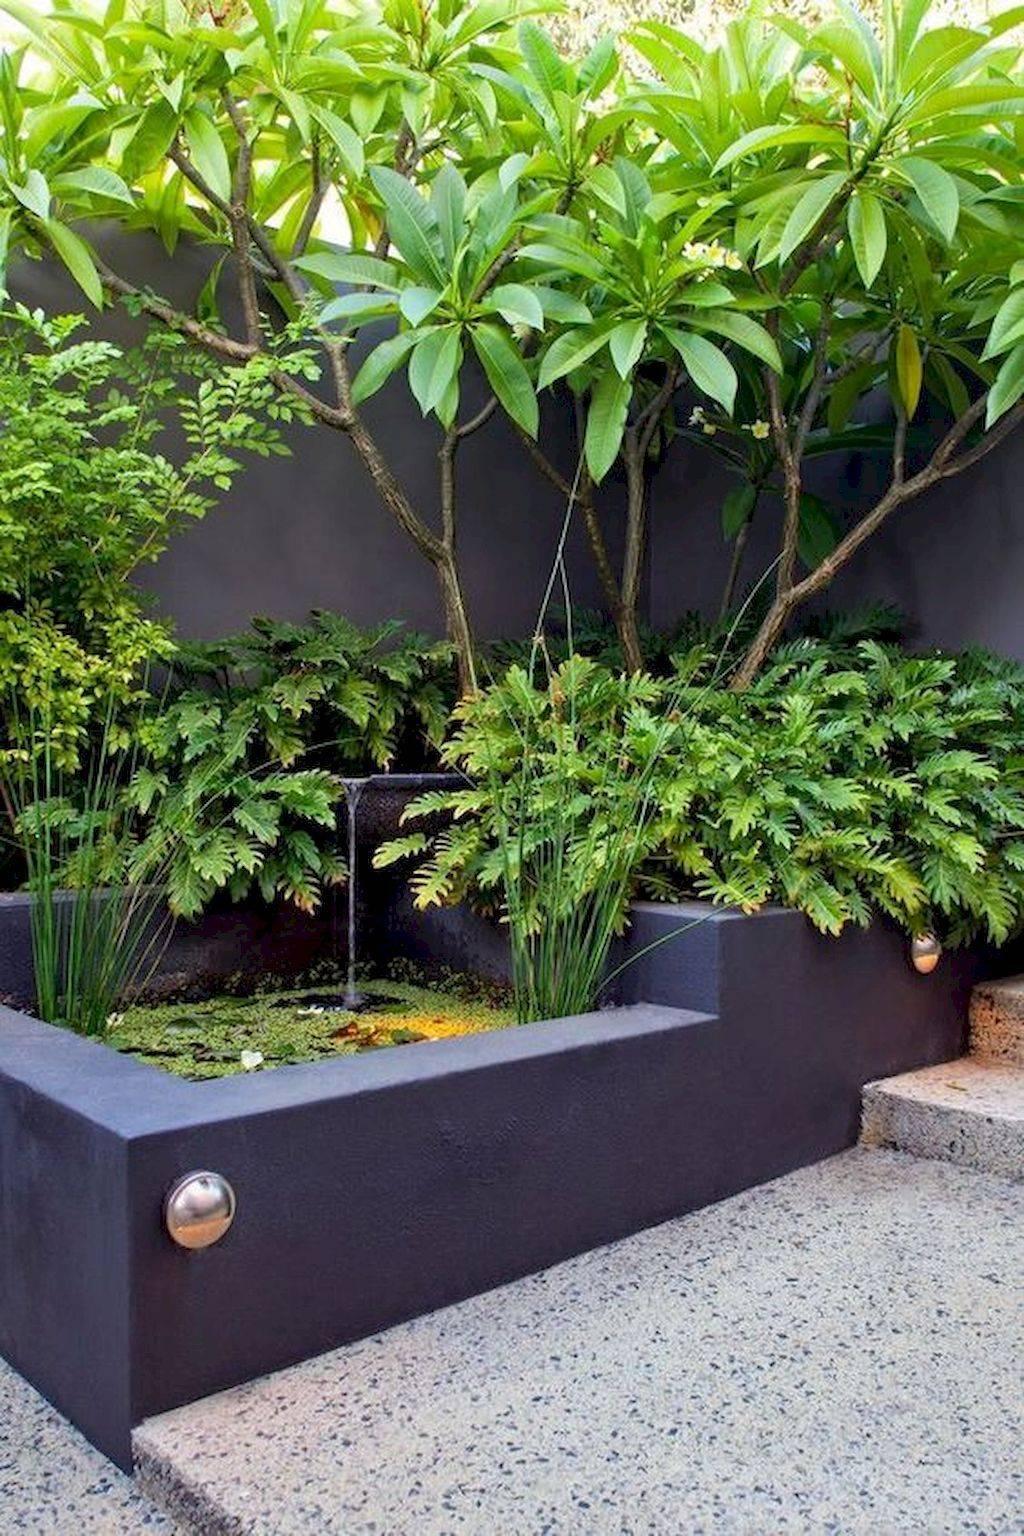 tropical garden ideas-687080486881395961